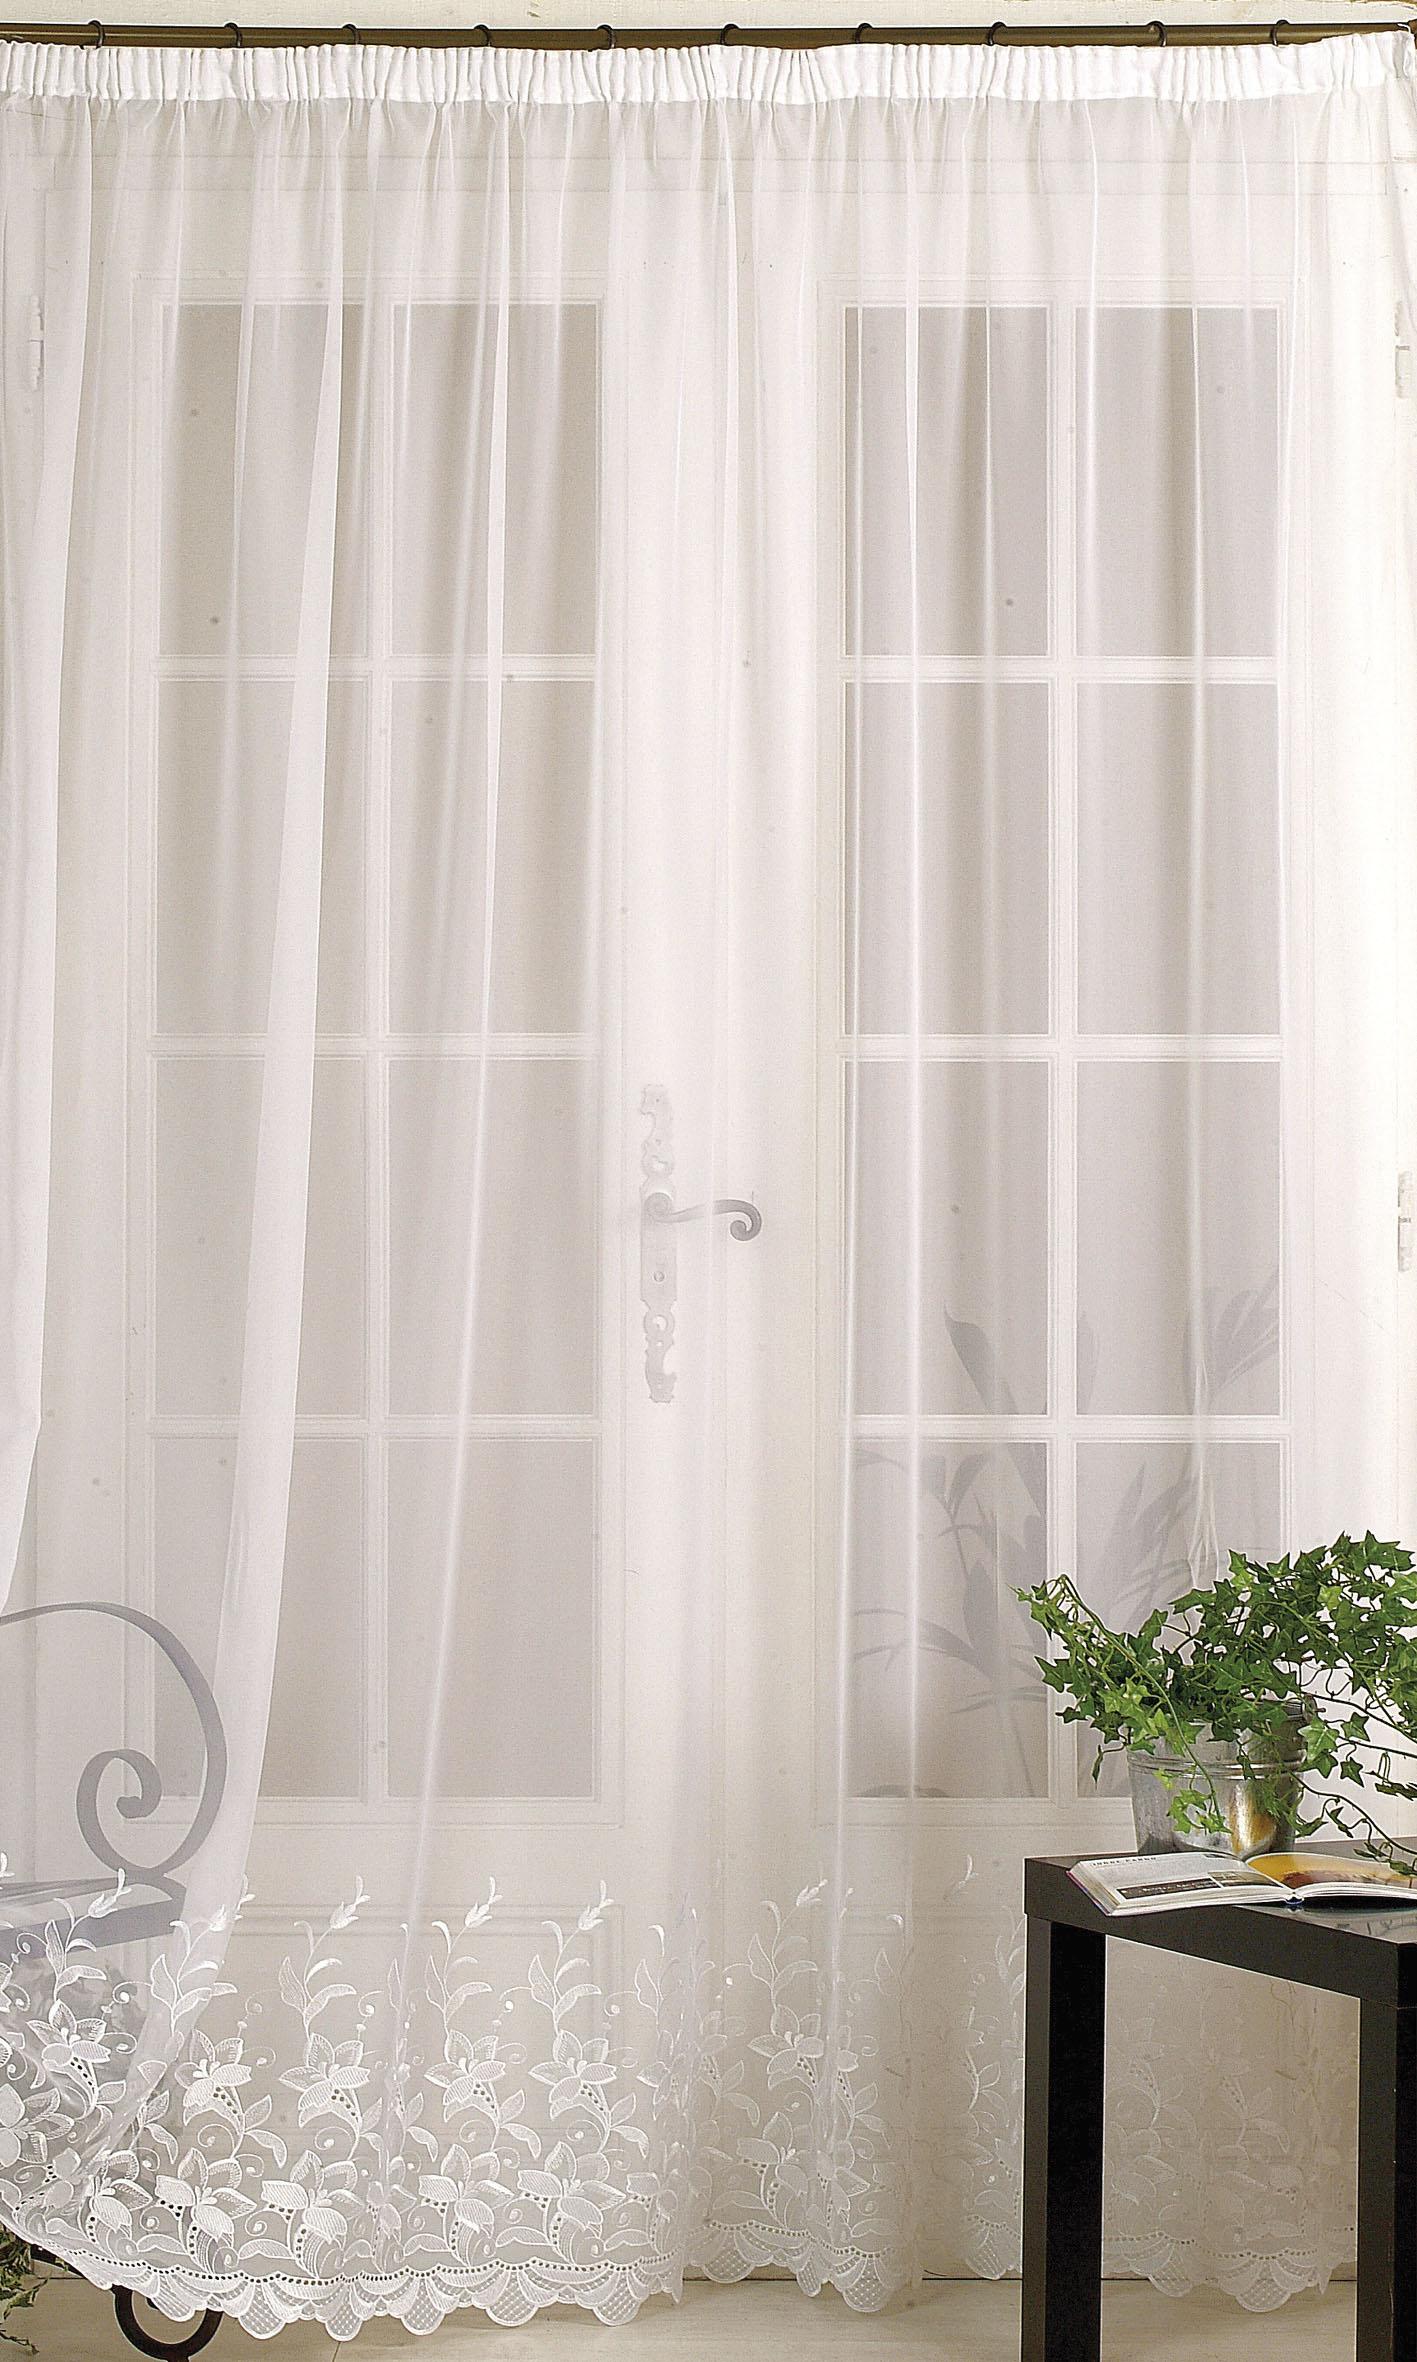 Homemaison Rideau Classique En Voile Uni Ourlet Croquet Blanc